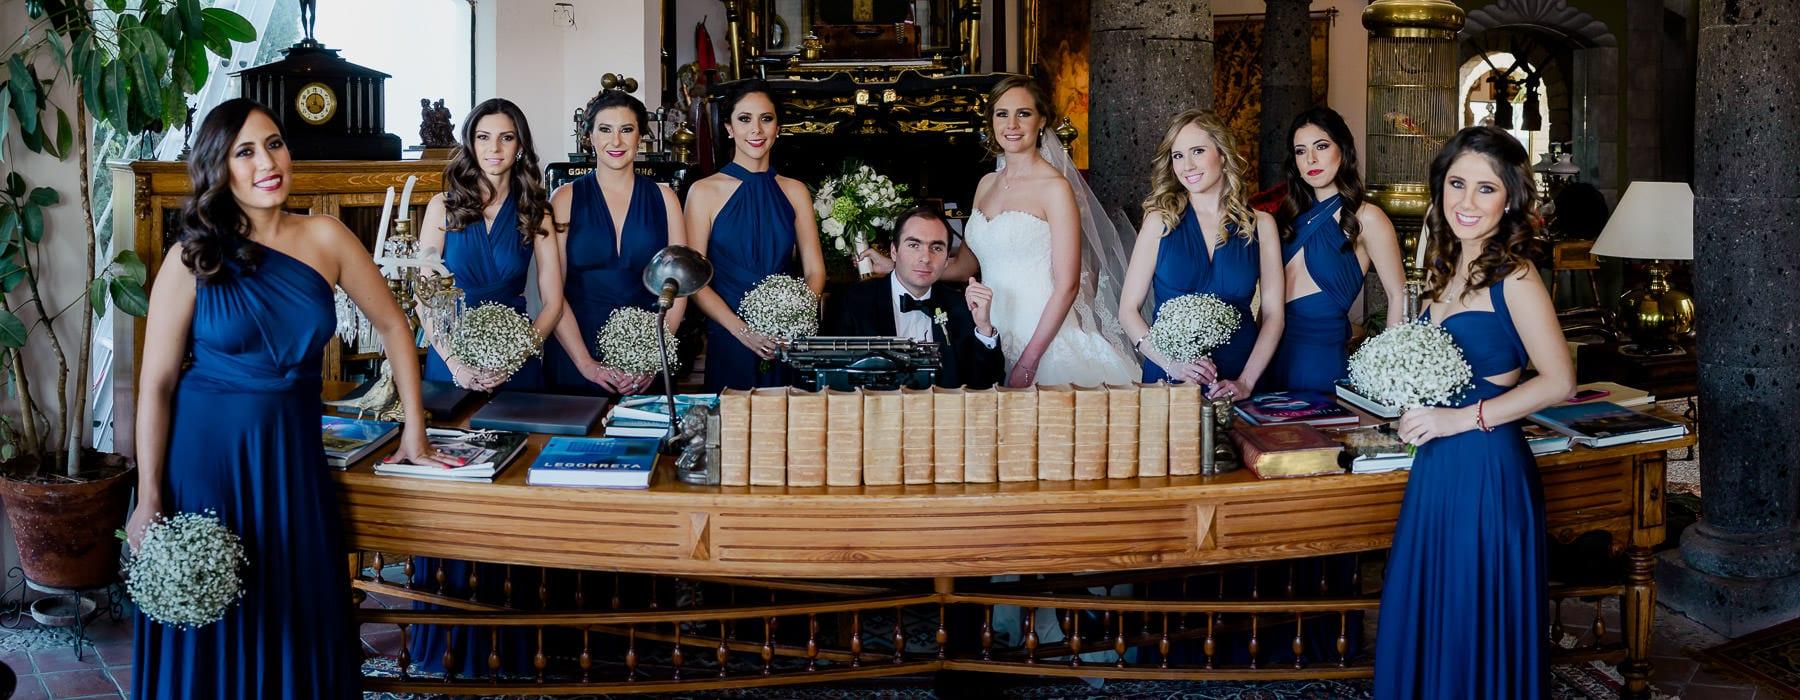 fotografo-de-bodas-en-queretaro-31